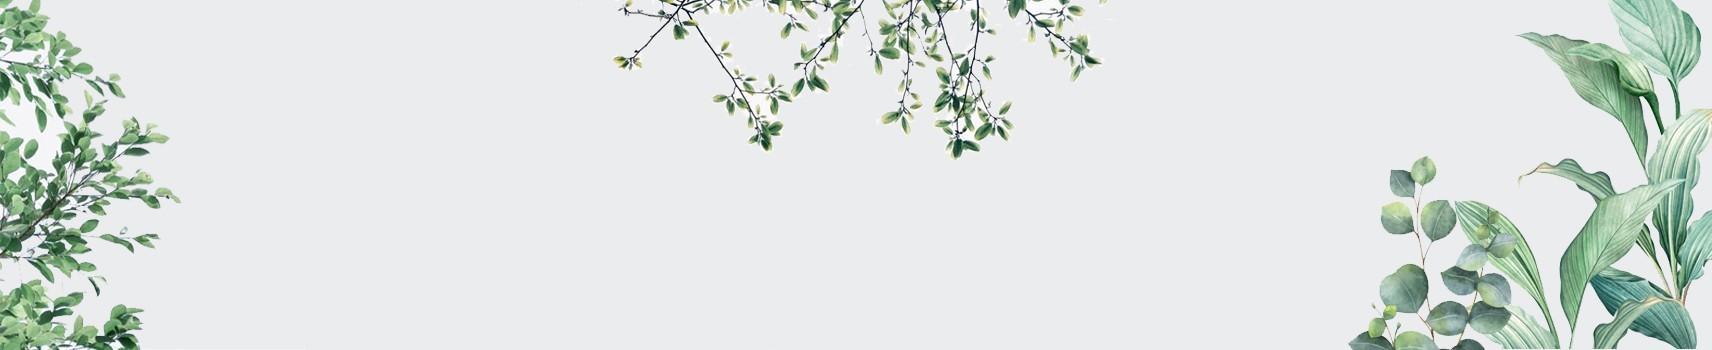 פרחים בגווני ירוק